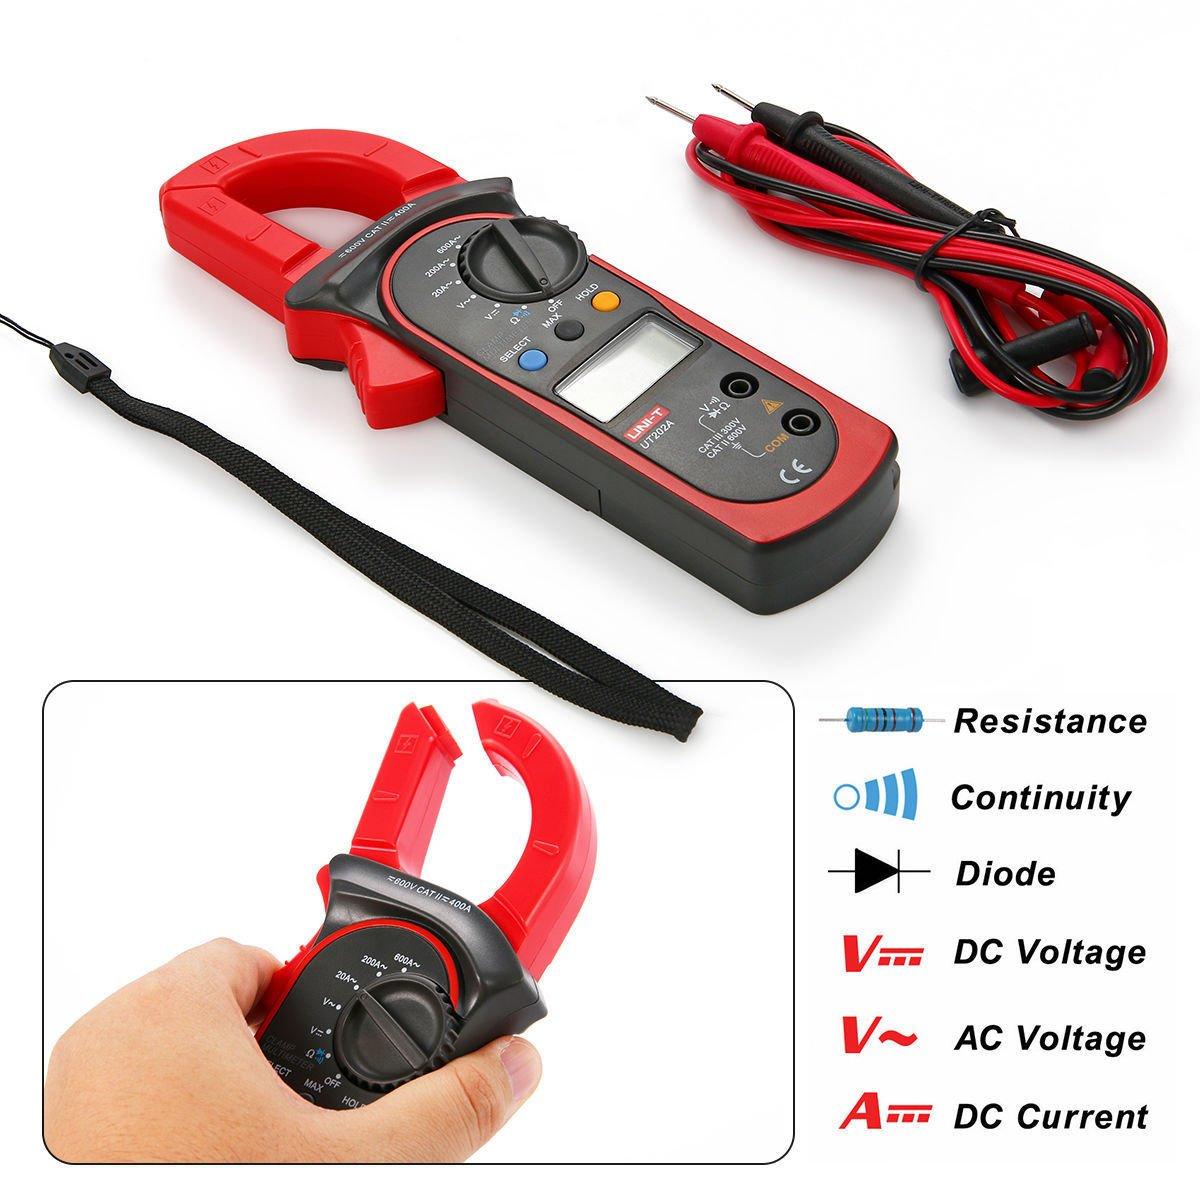 Signstek Uni-t UT202A Auto/Manual Range Digital Handheld Clamp Meter Multimeter Test Tool Digital Handheld Clamp Ohm Tester, AC/DC Voltmeter, AC Current by Signstek (Image #3)